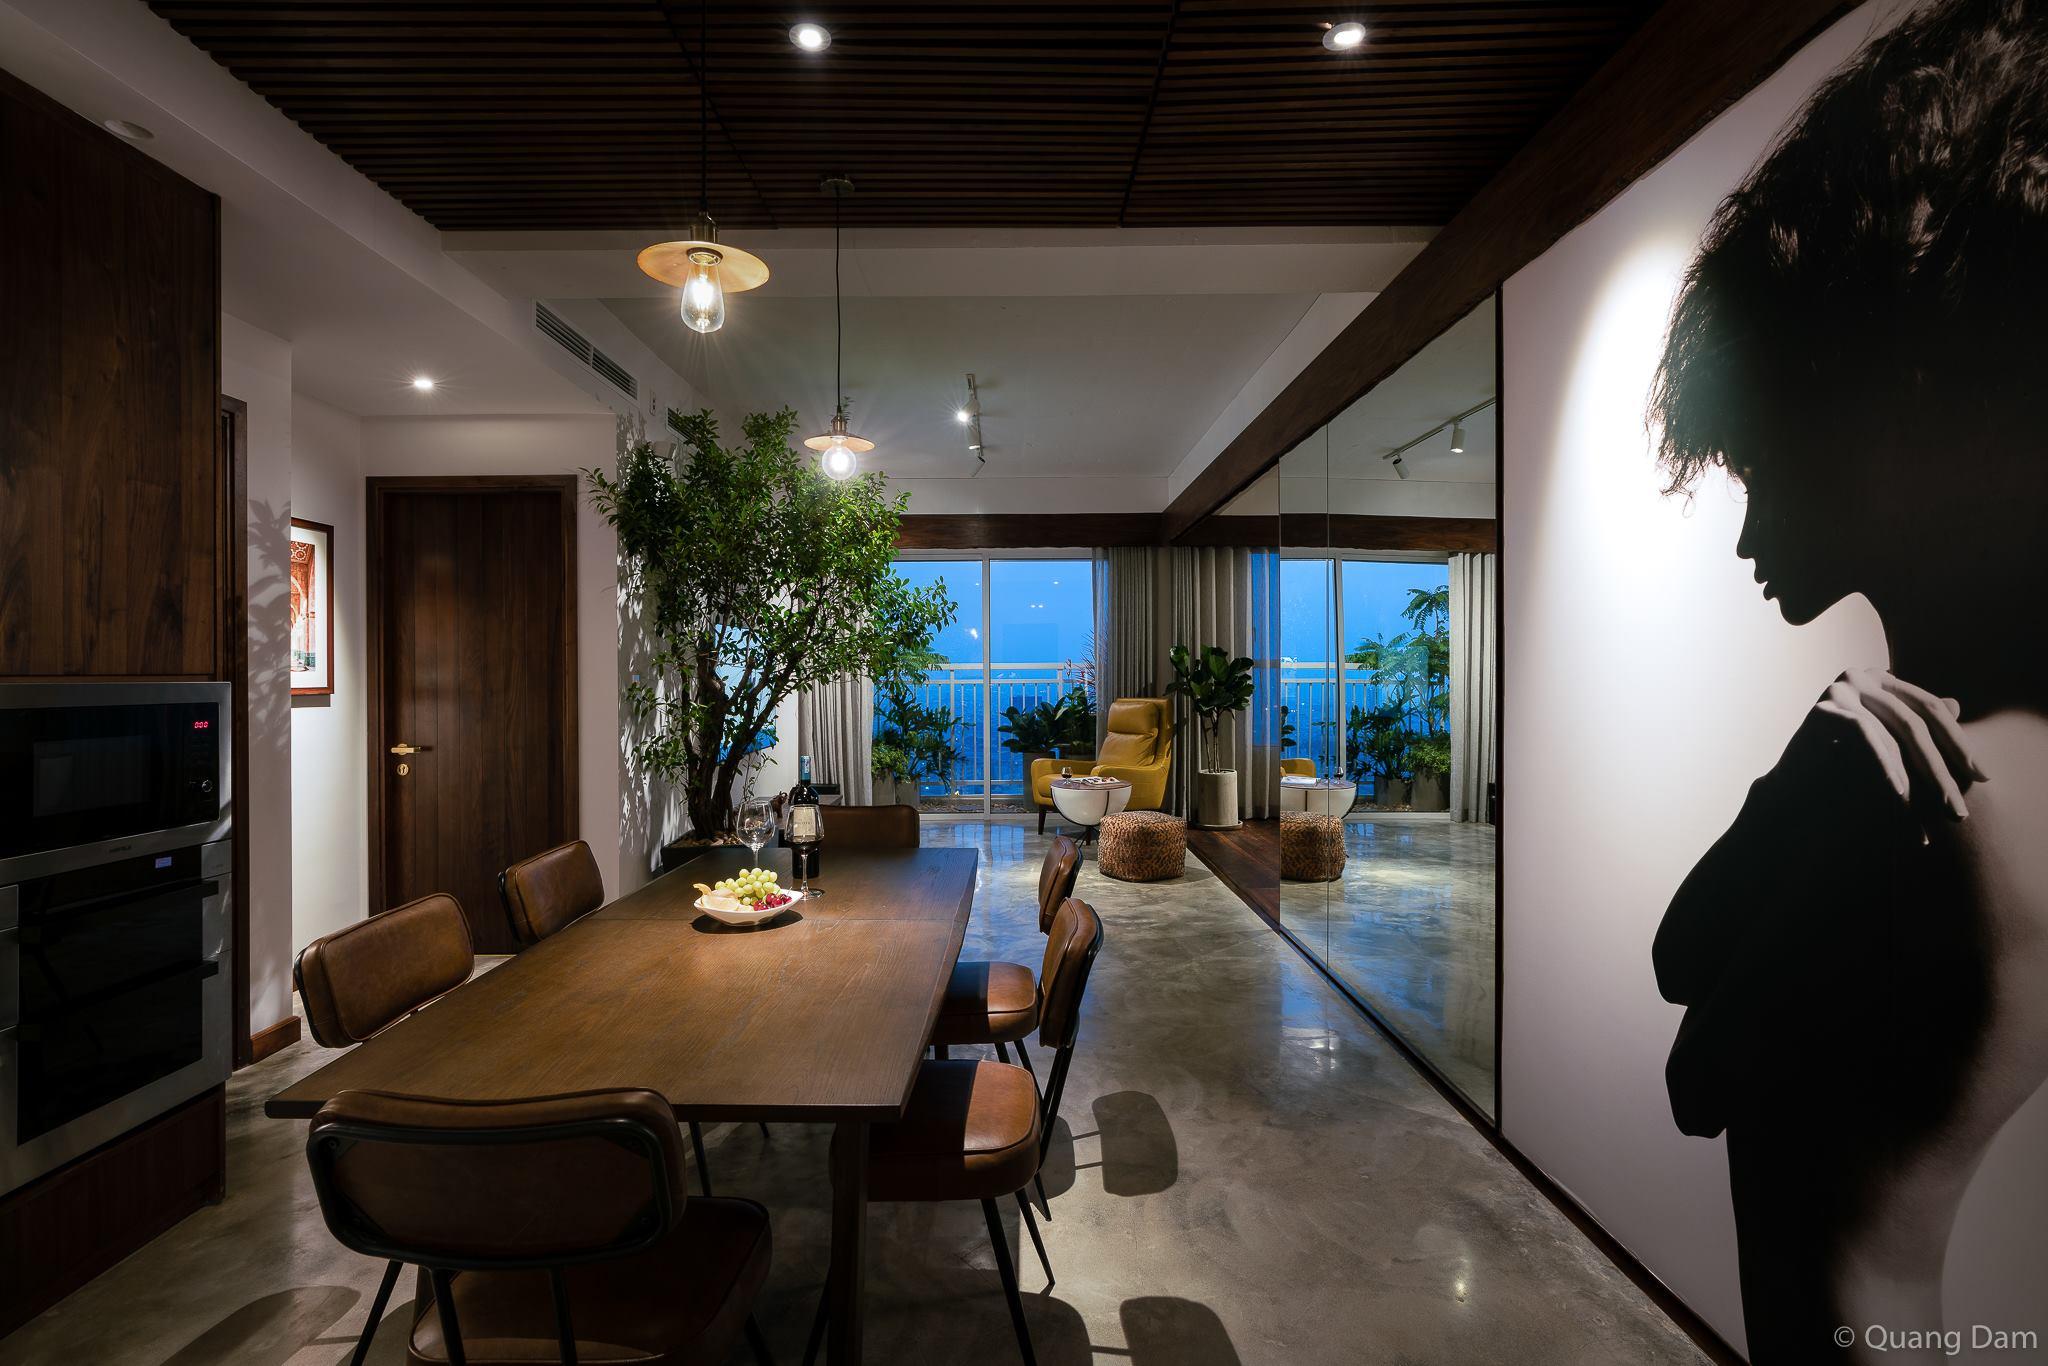 Nội thất căn hộ 1 phòng ngủ với điểm nhấn gỗ và cây xanh - Nhà Đẹp Số (13)